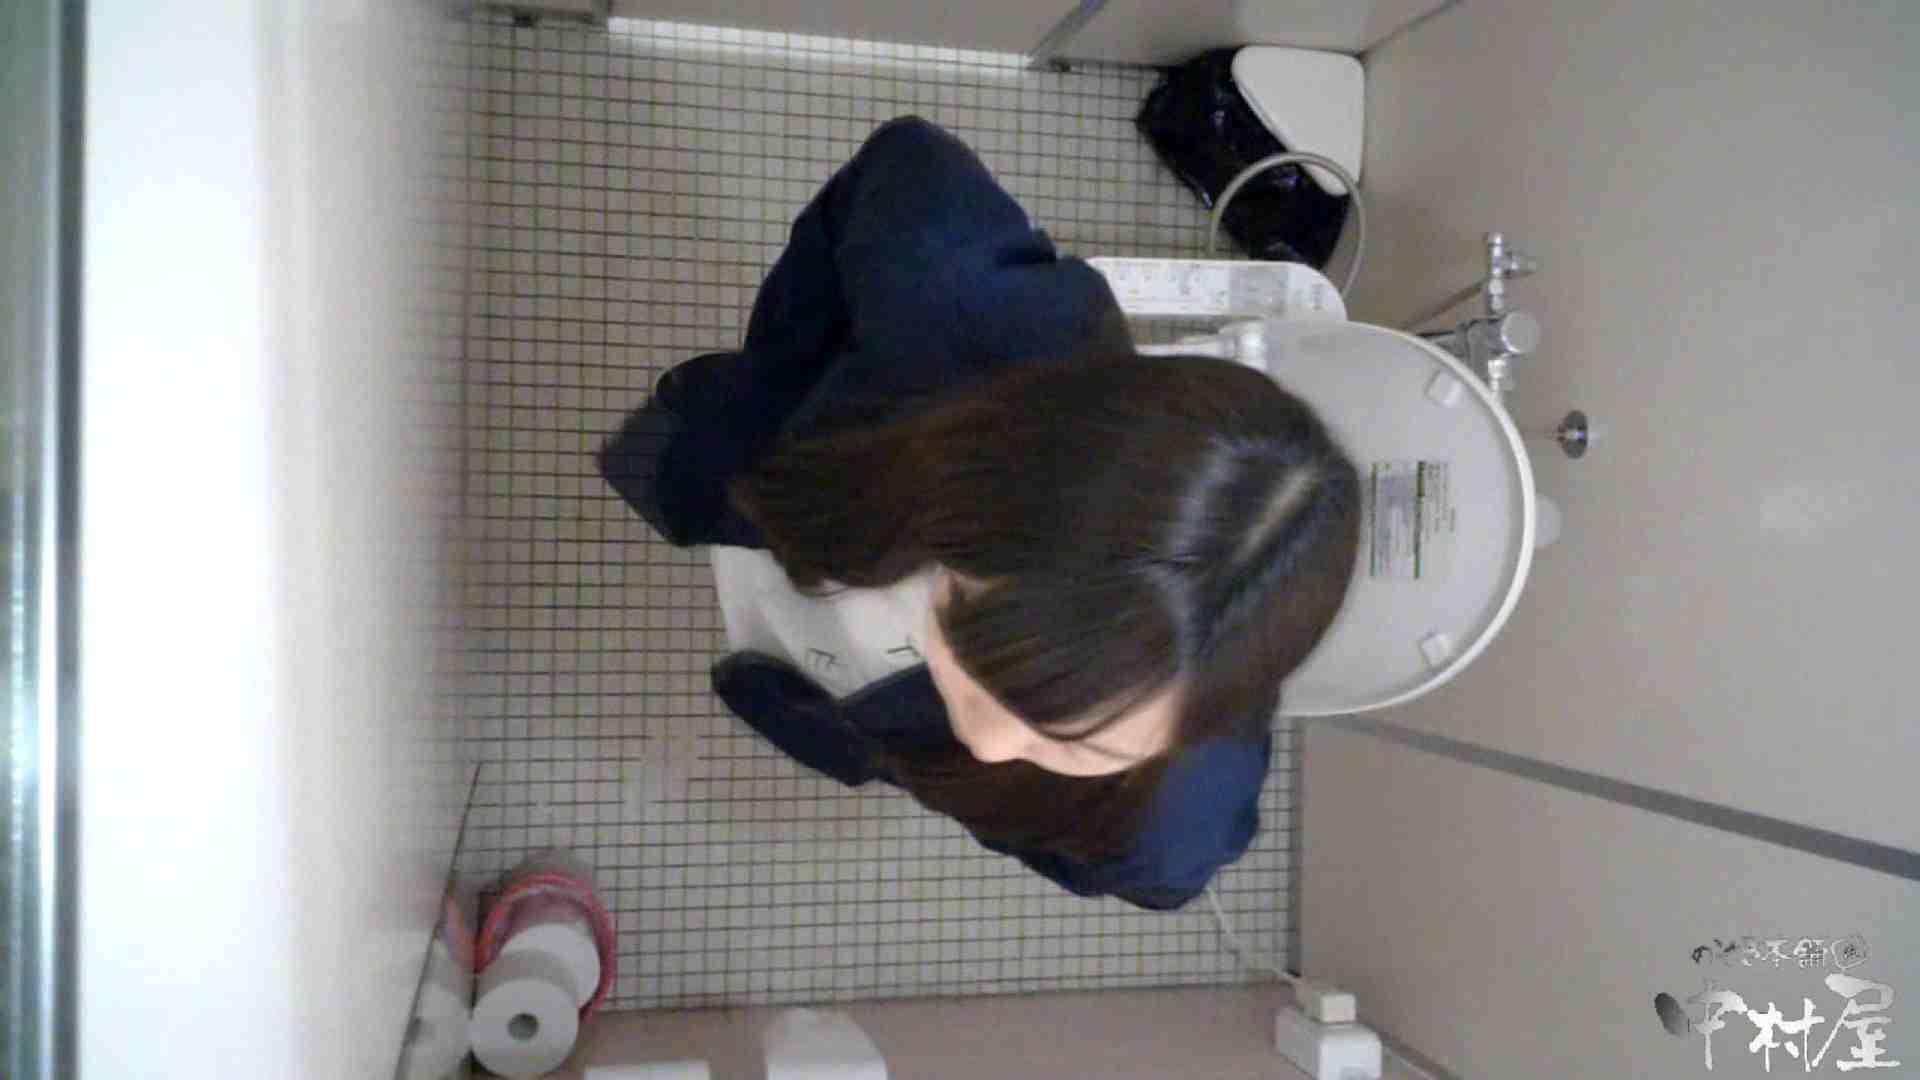 【某有名大学女性洗面所】有名大学女性洗面所 vol.43 いつみても神秘的な世界です。 和式 | 投稿  87pic 31